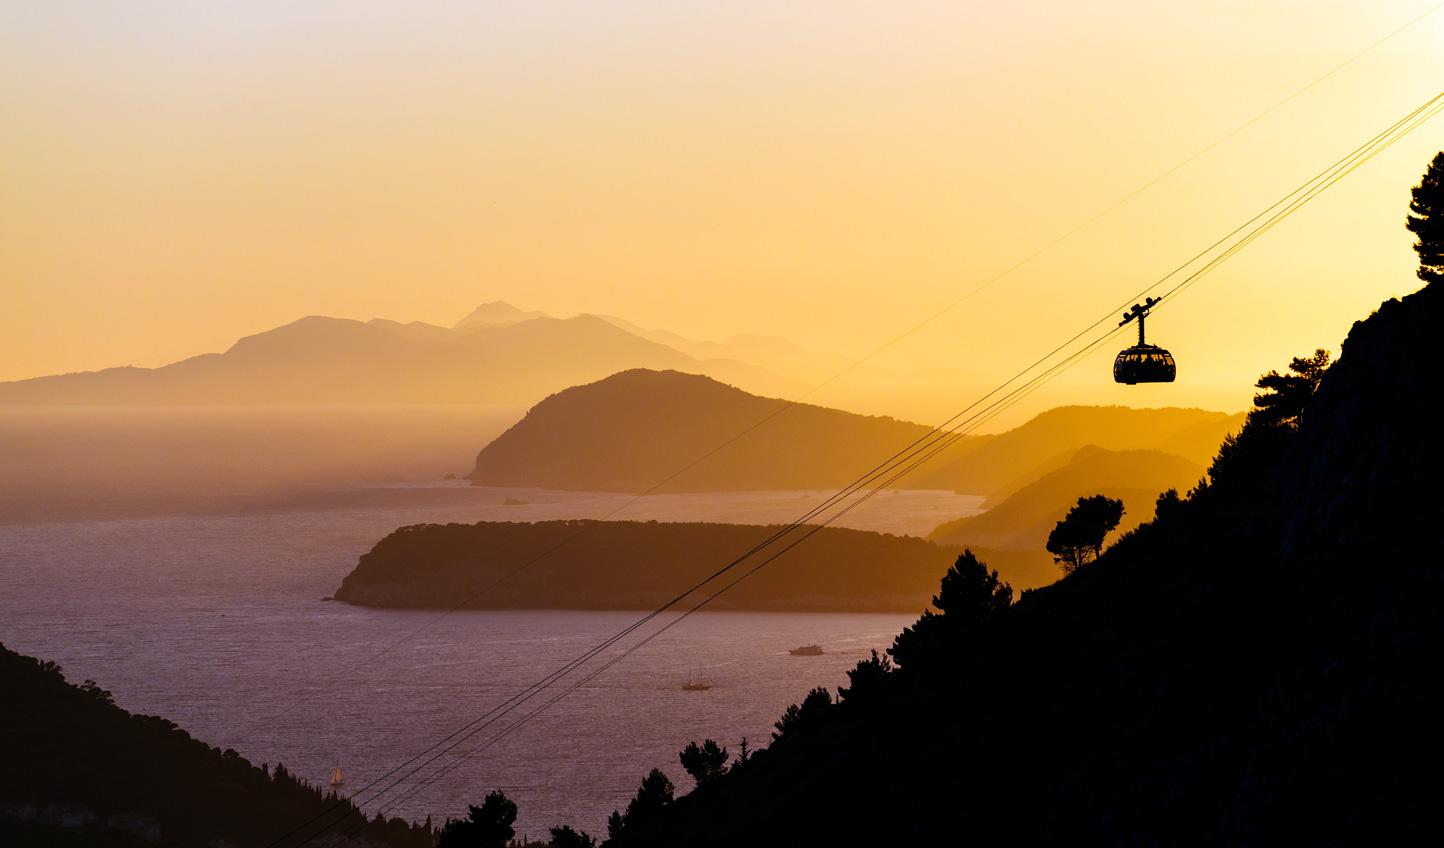 Head up Srdj Hill at sunset for spellbinding views